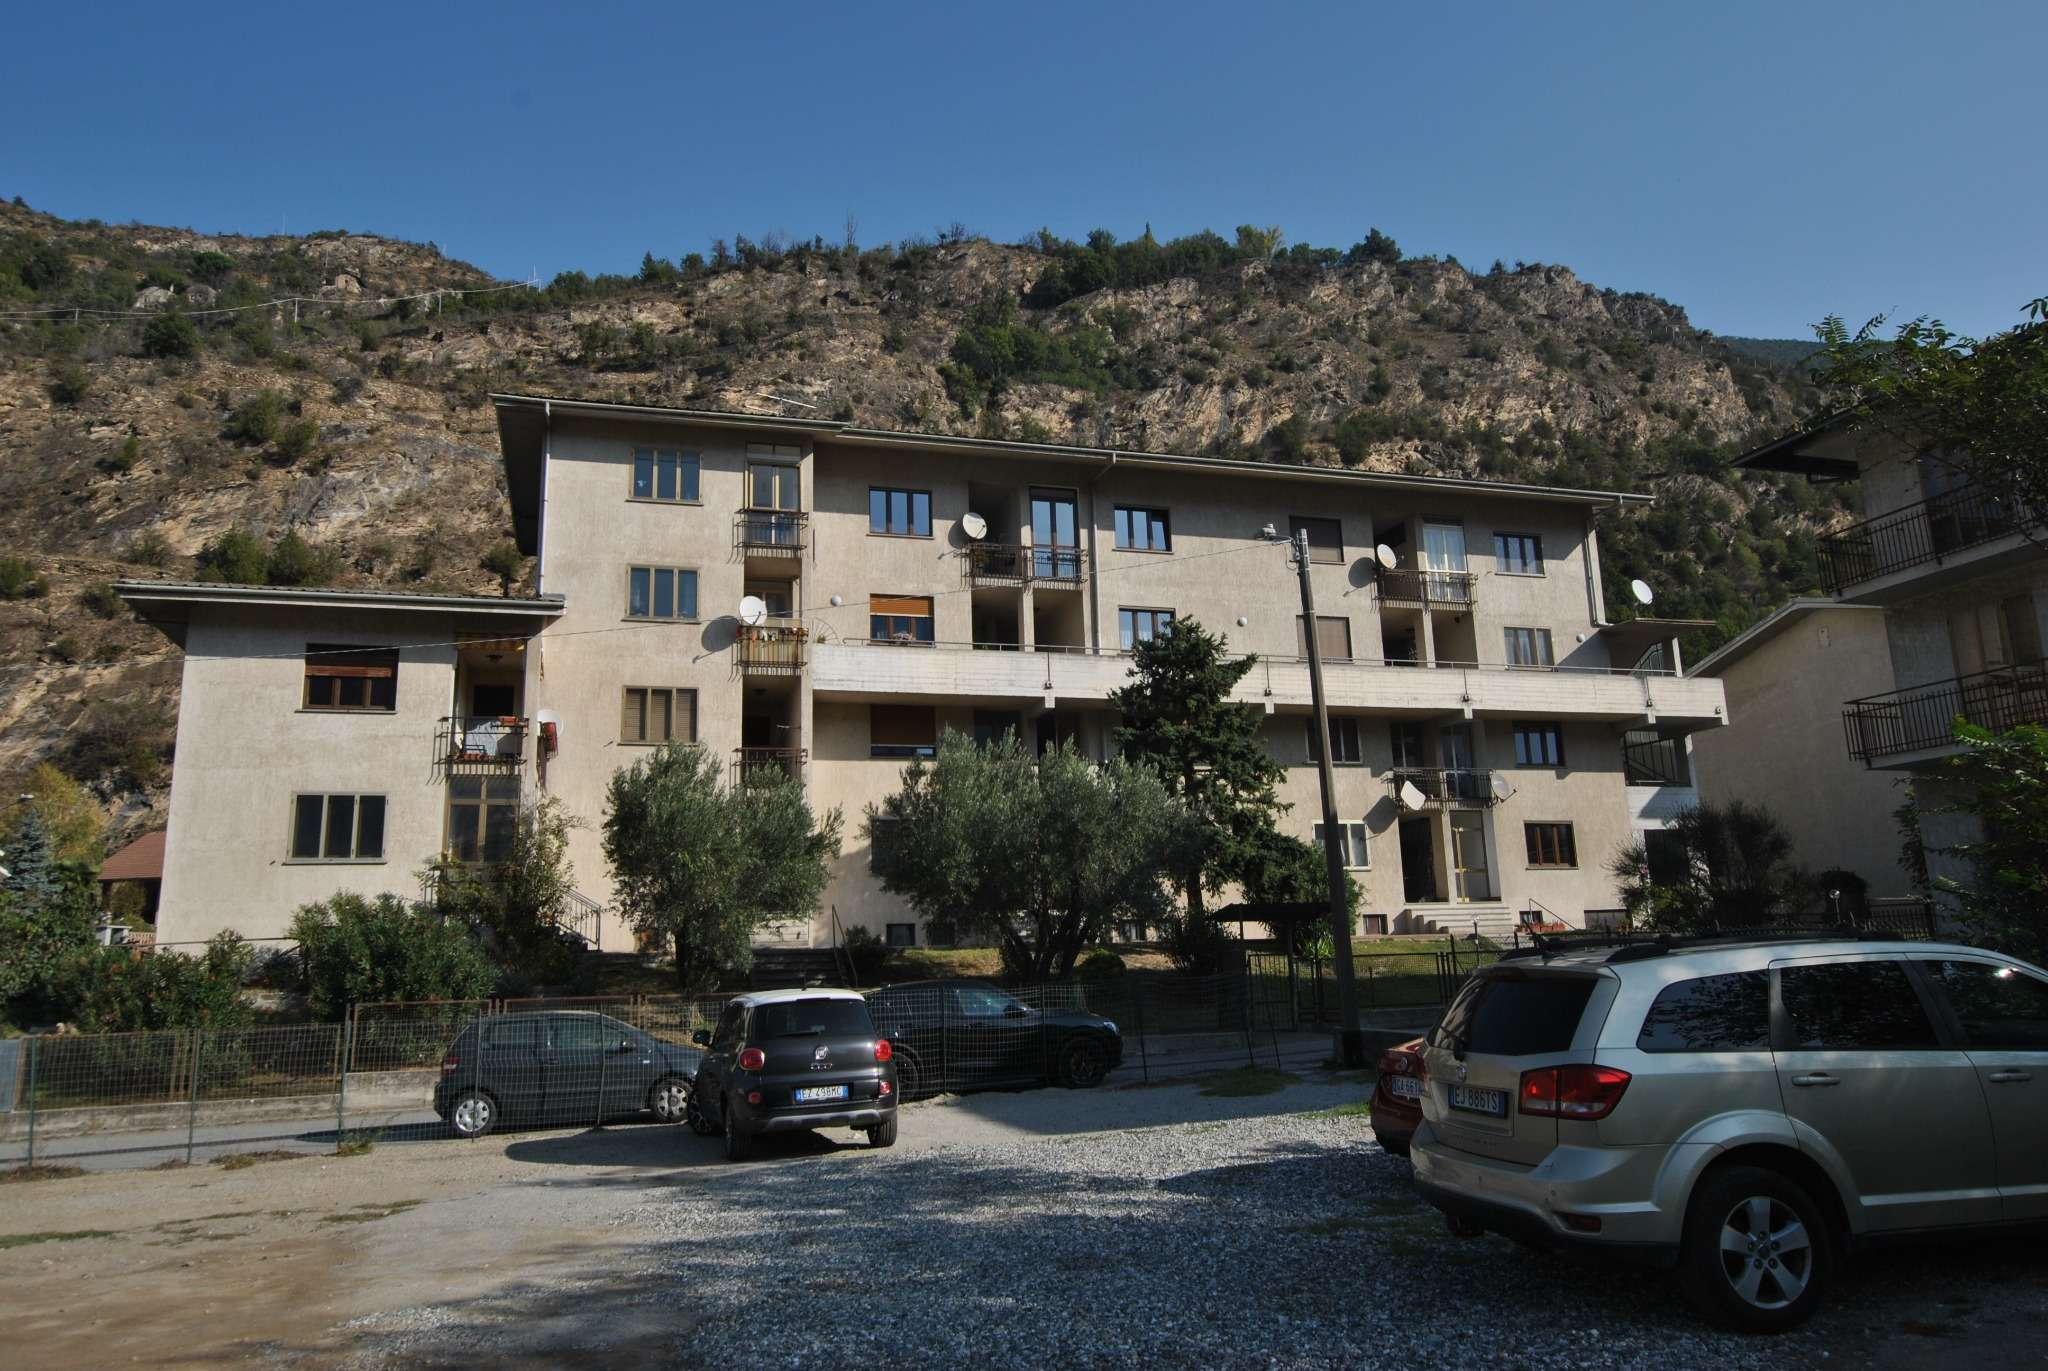 Appartamento in vendita a Susa, 5 locali, prezzo € 140.000 | CambioCasa.it